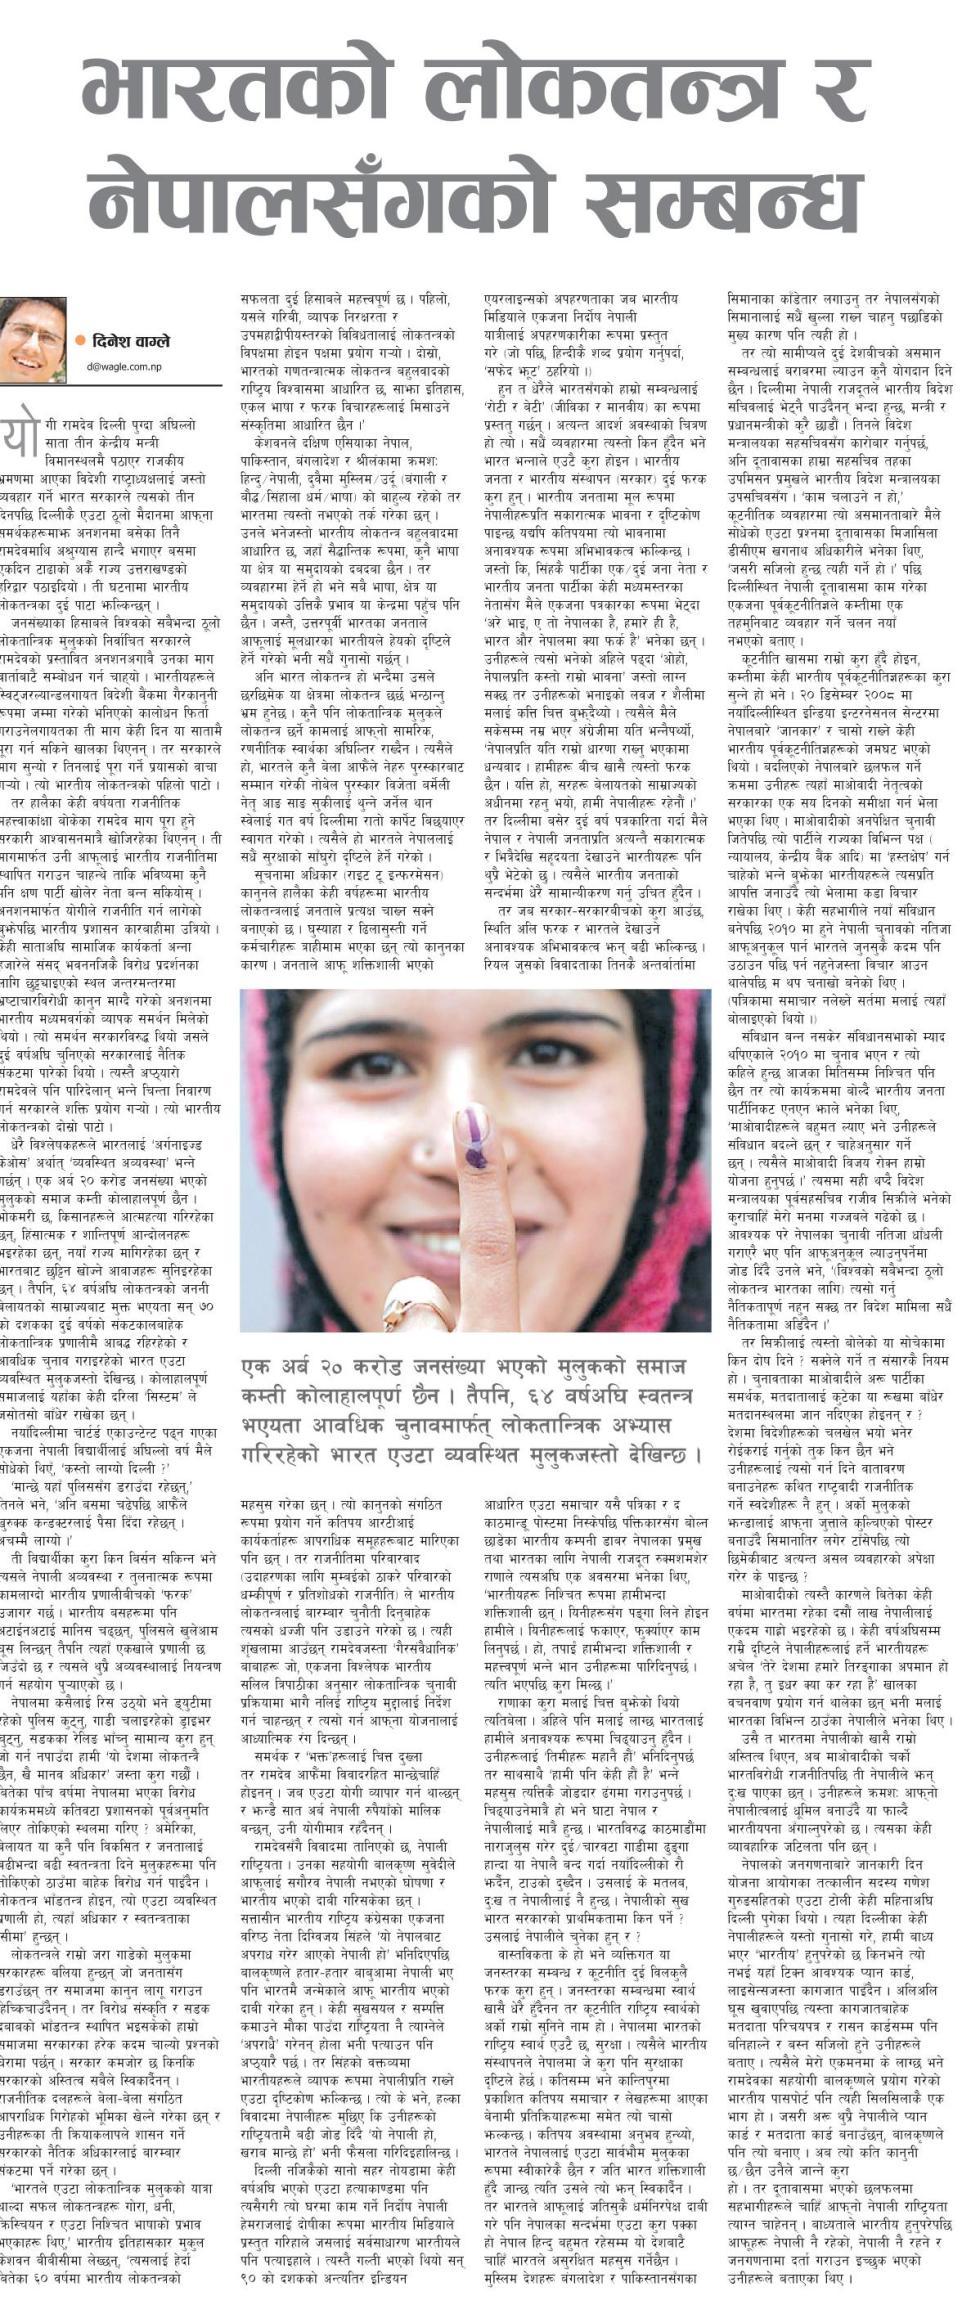 भारतको लोकतन्त्र र नेपालसँगको सम्बन्ध